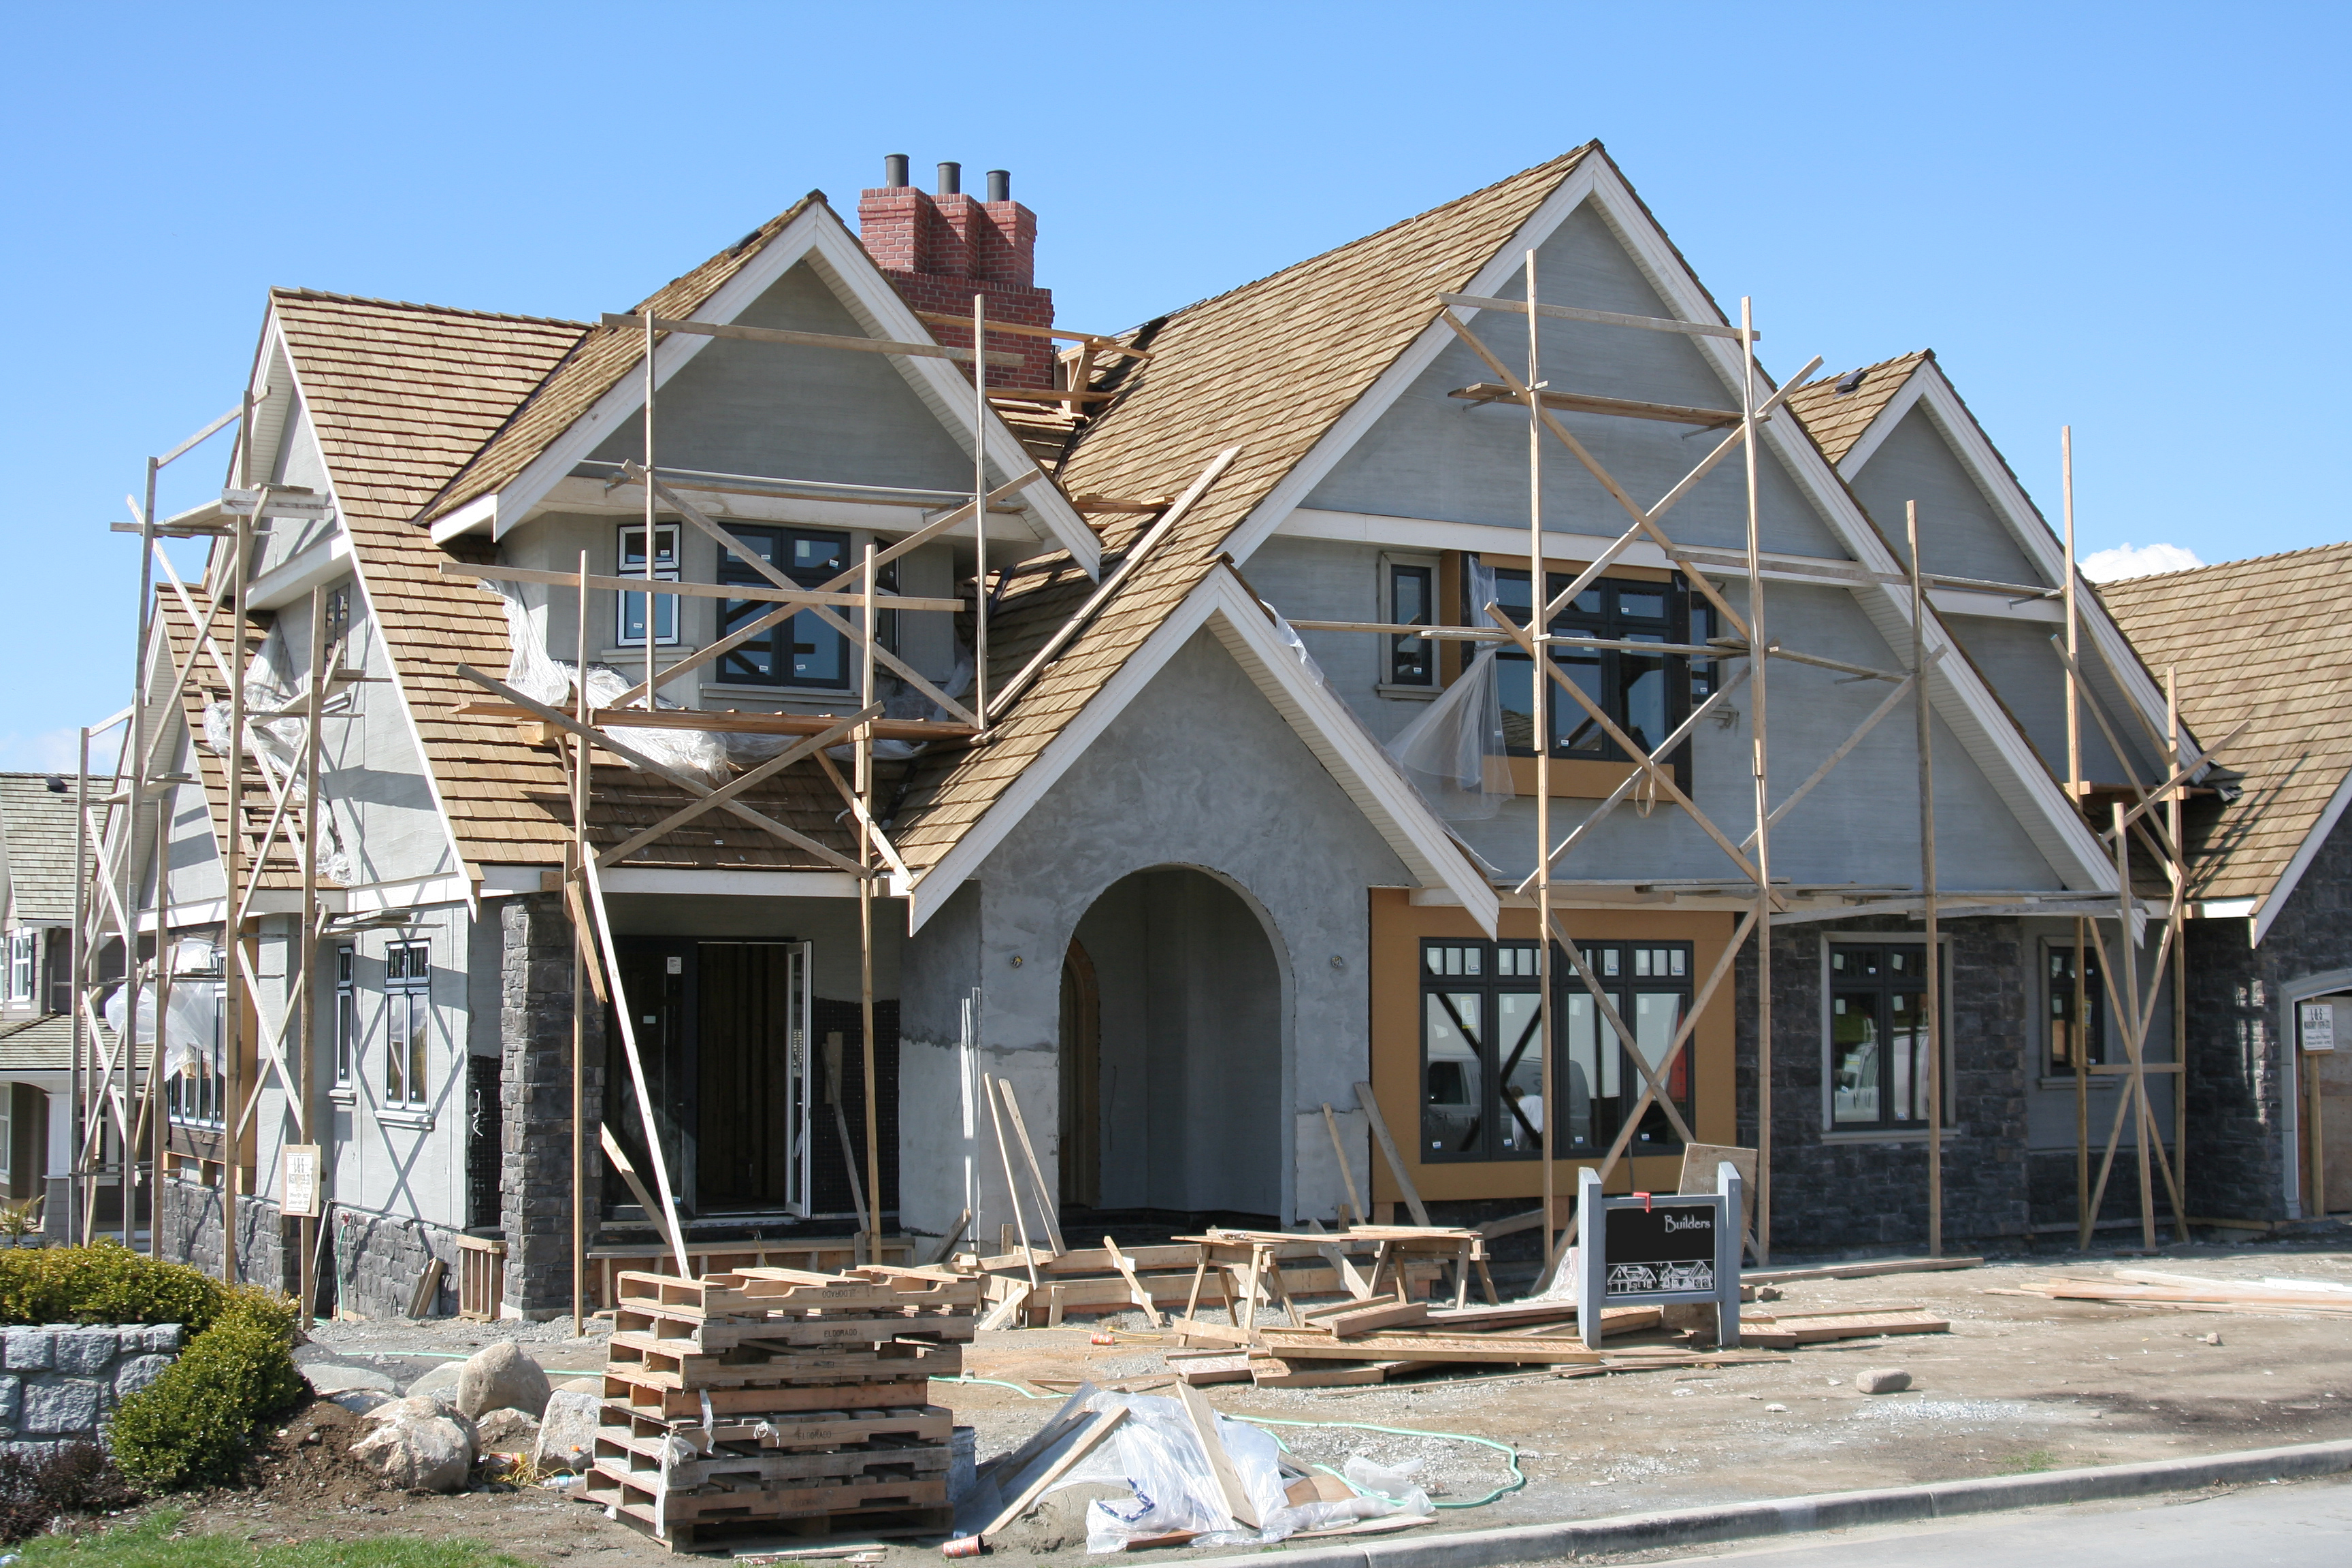 bygge nyt hus erfaringer